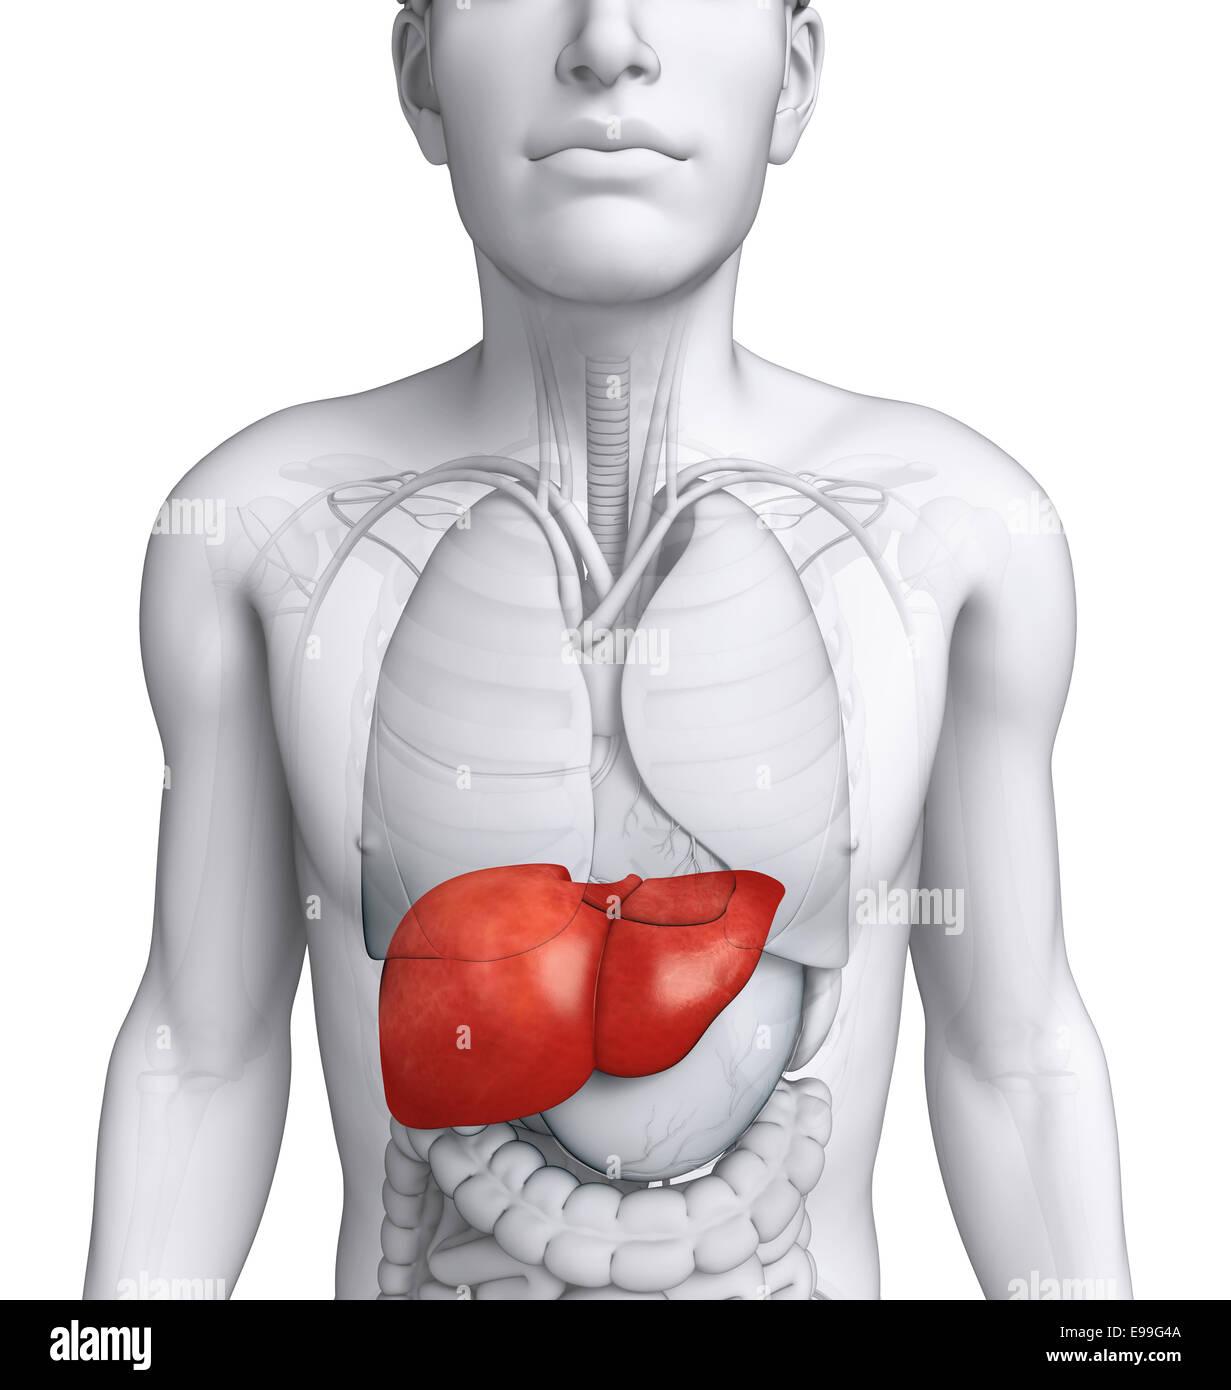 Ungewöhnlich Leber Ct Anatomie Bilder - Anatomie Ideen - finotti.info